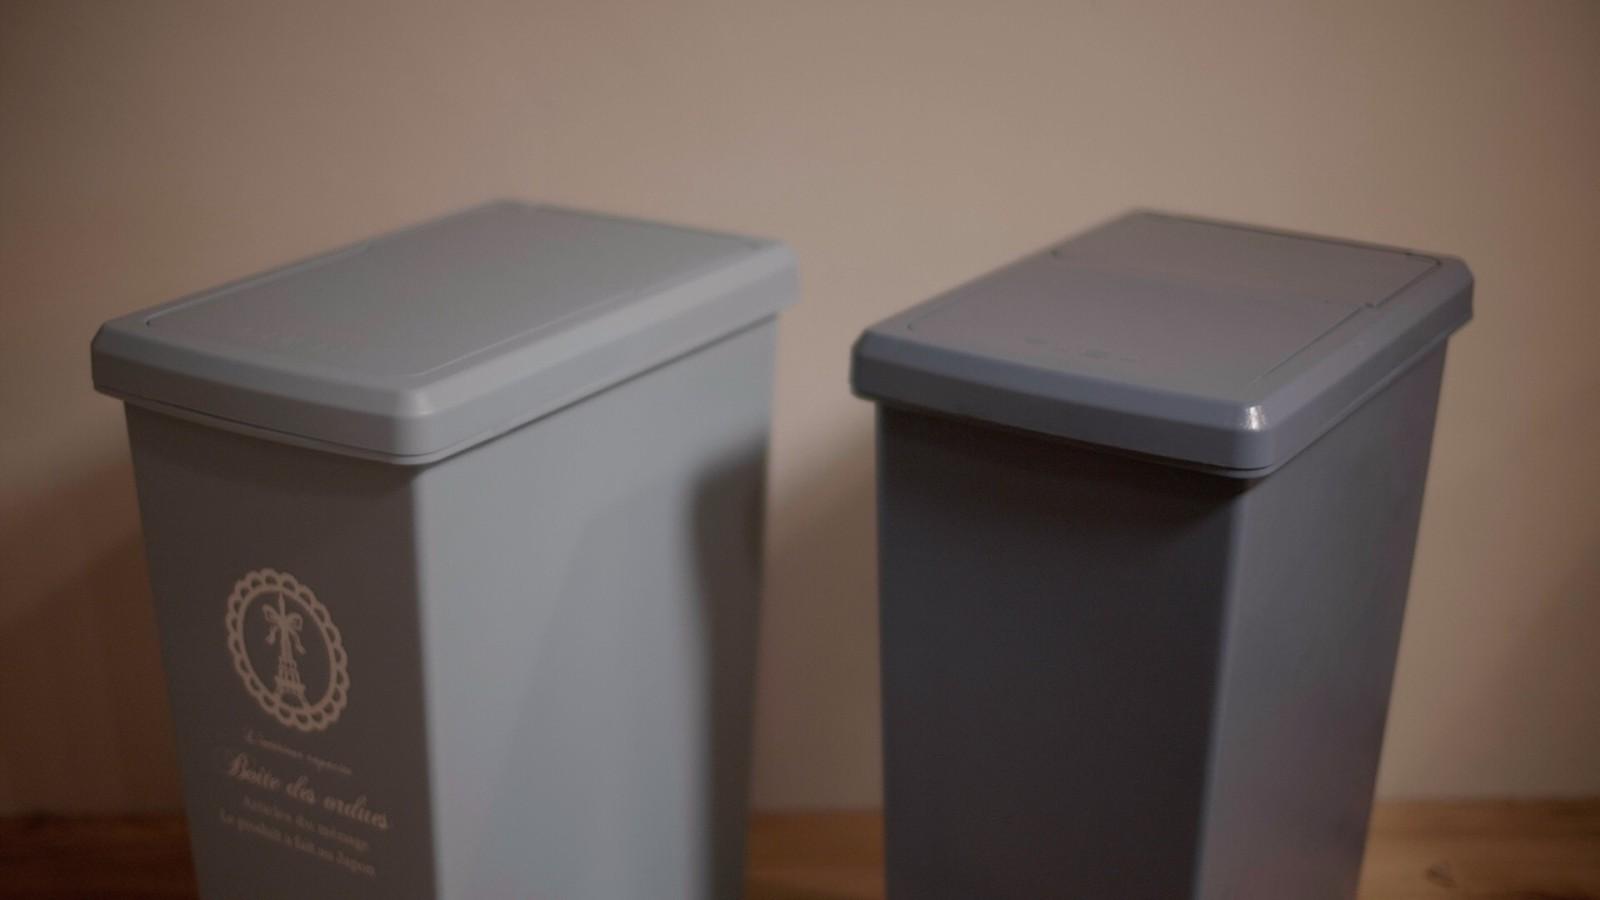 ゴミ箱をSF映画風にDIY